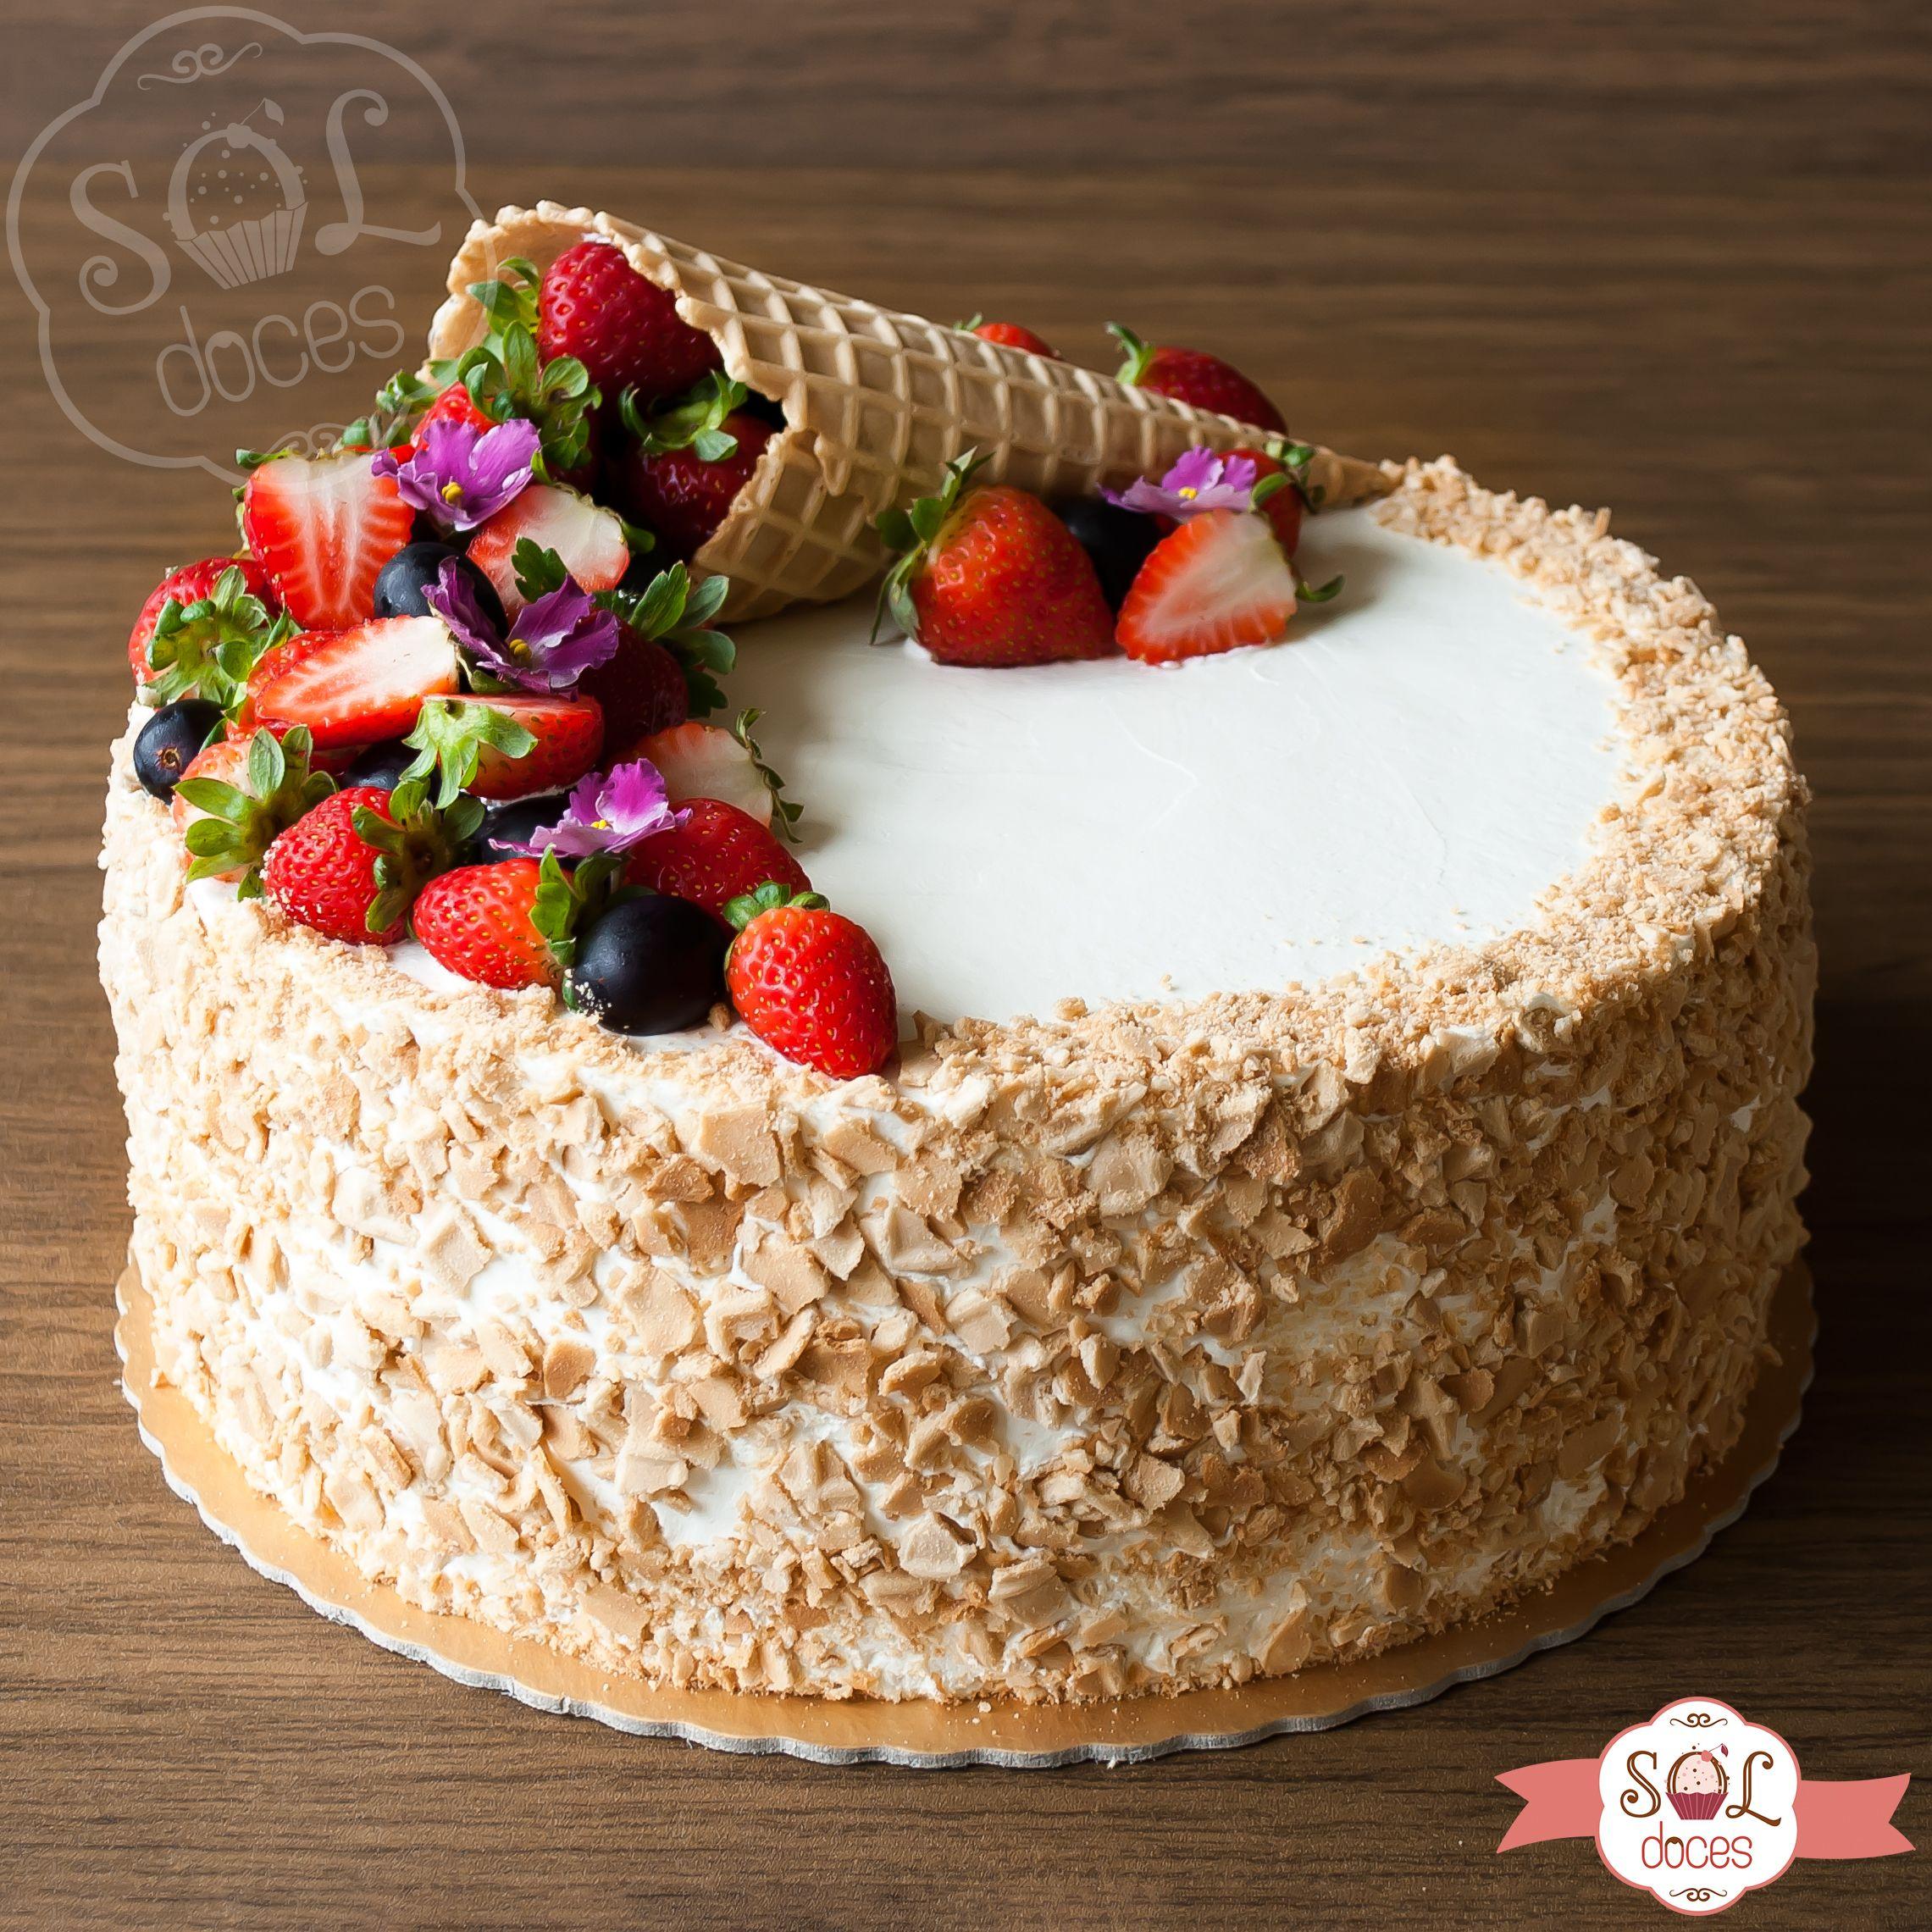 Olha So Que Lindo Esse Bolo De Casquinha De Sorvete Tortas Pastel De Frutas Torta De Frutas